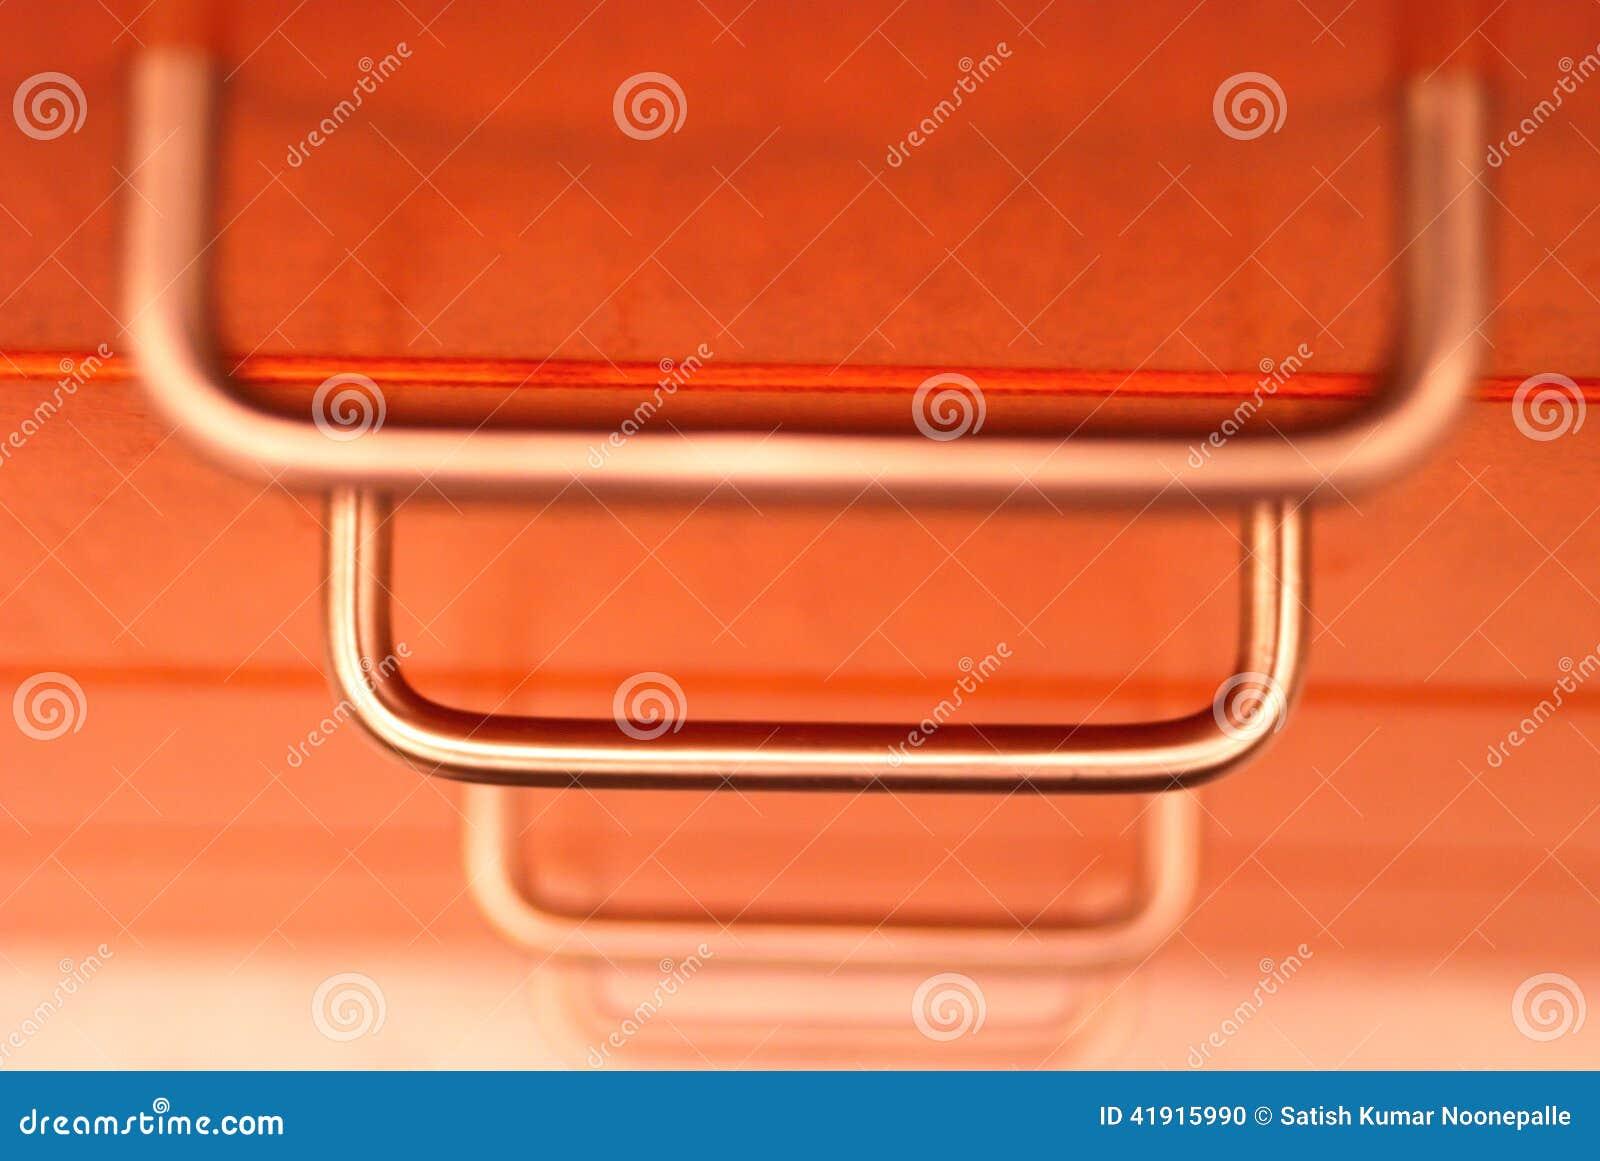 Manijas del cajón